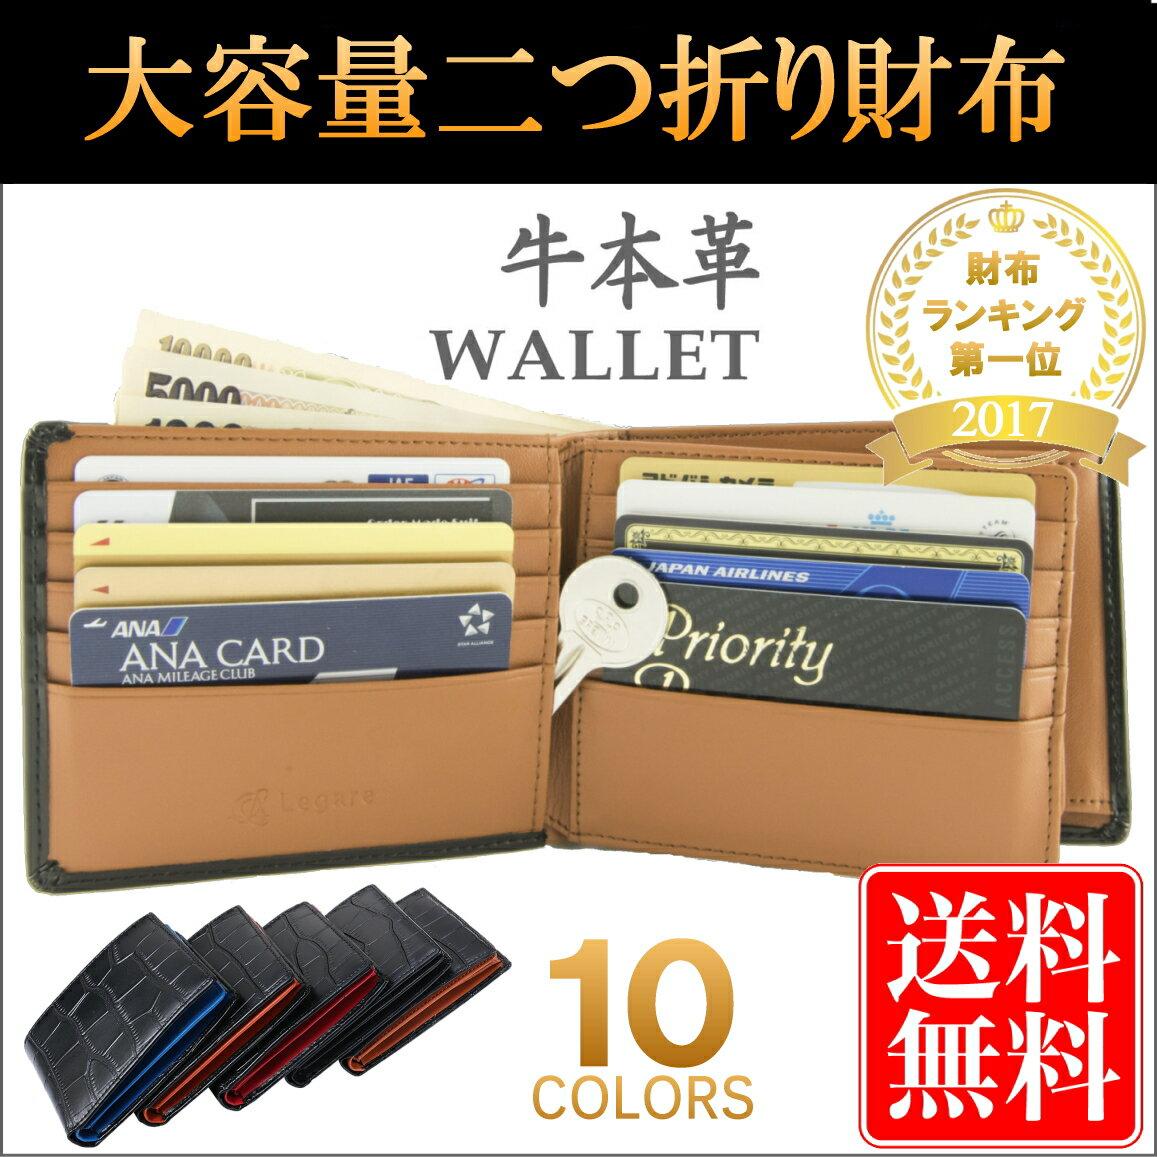 【今だけ特価!70%値引き】 二つ折り財布 本革 大容量 カード15枚収納 カラー豊富 (ベロア化粧箱入り) 財布 メンズ 二つ折り カードがたくさん入る大容量財布 レディース サイフ レザー 本革 送料無料